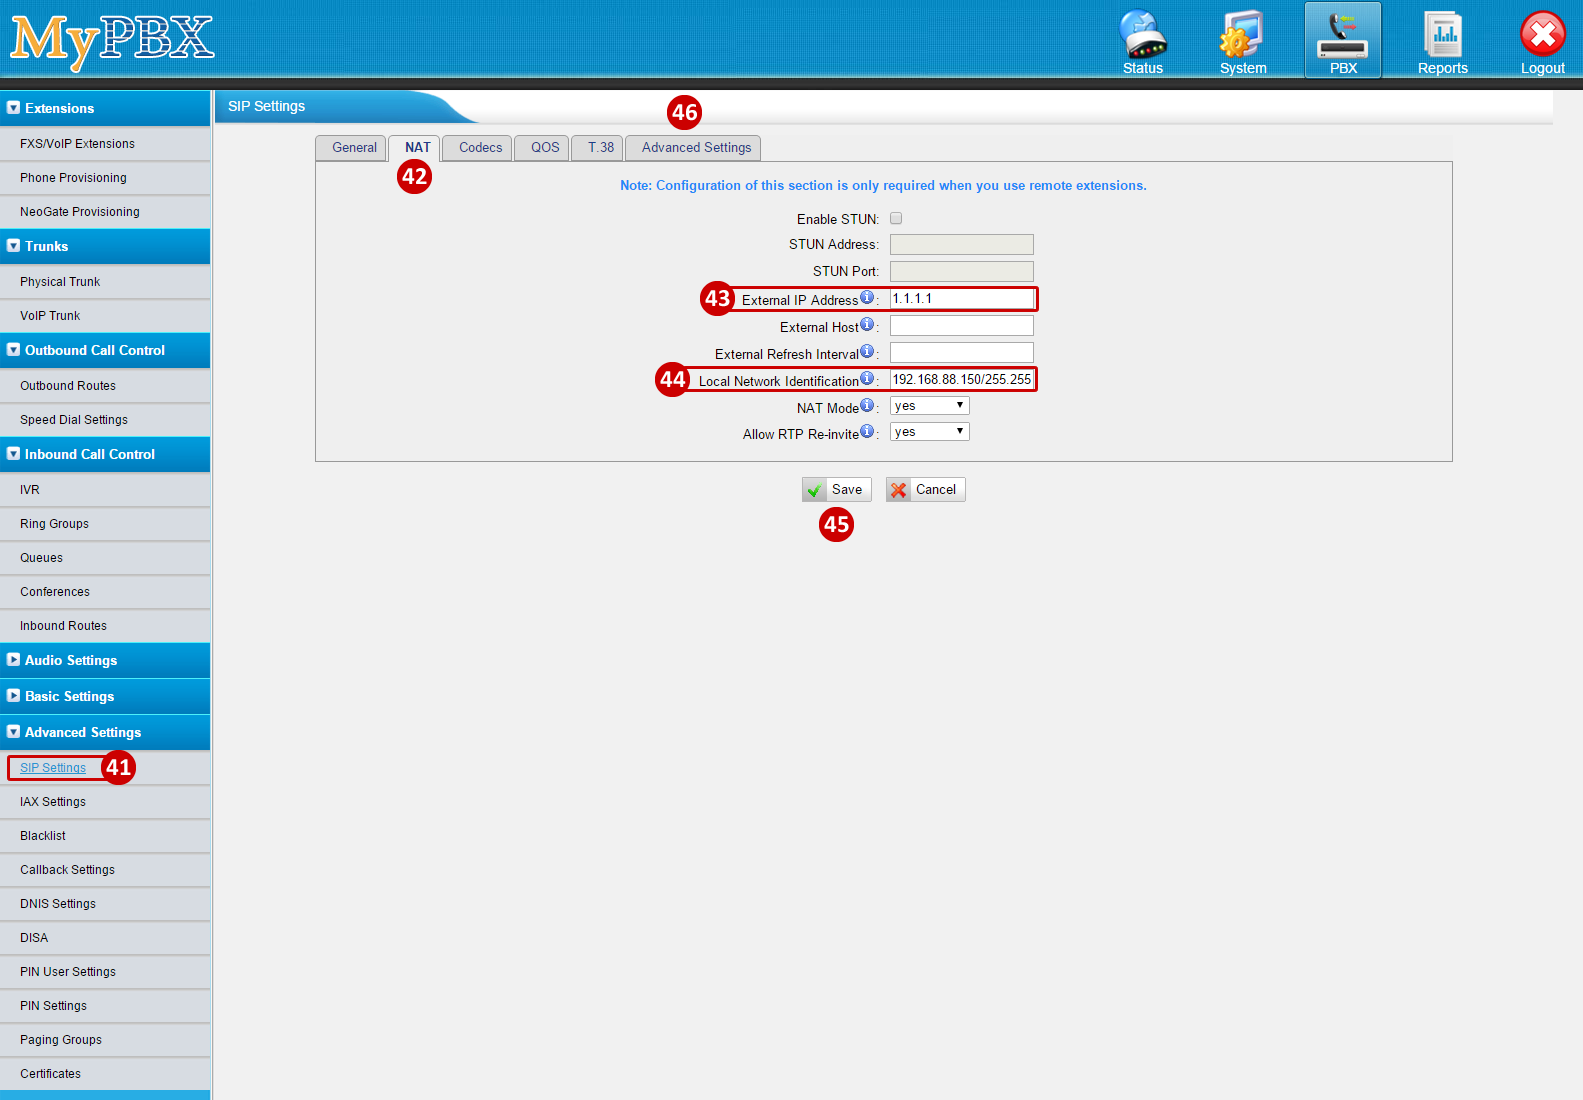 Yeastar MyPBX Configuration Guide - Powered by Kayako Help